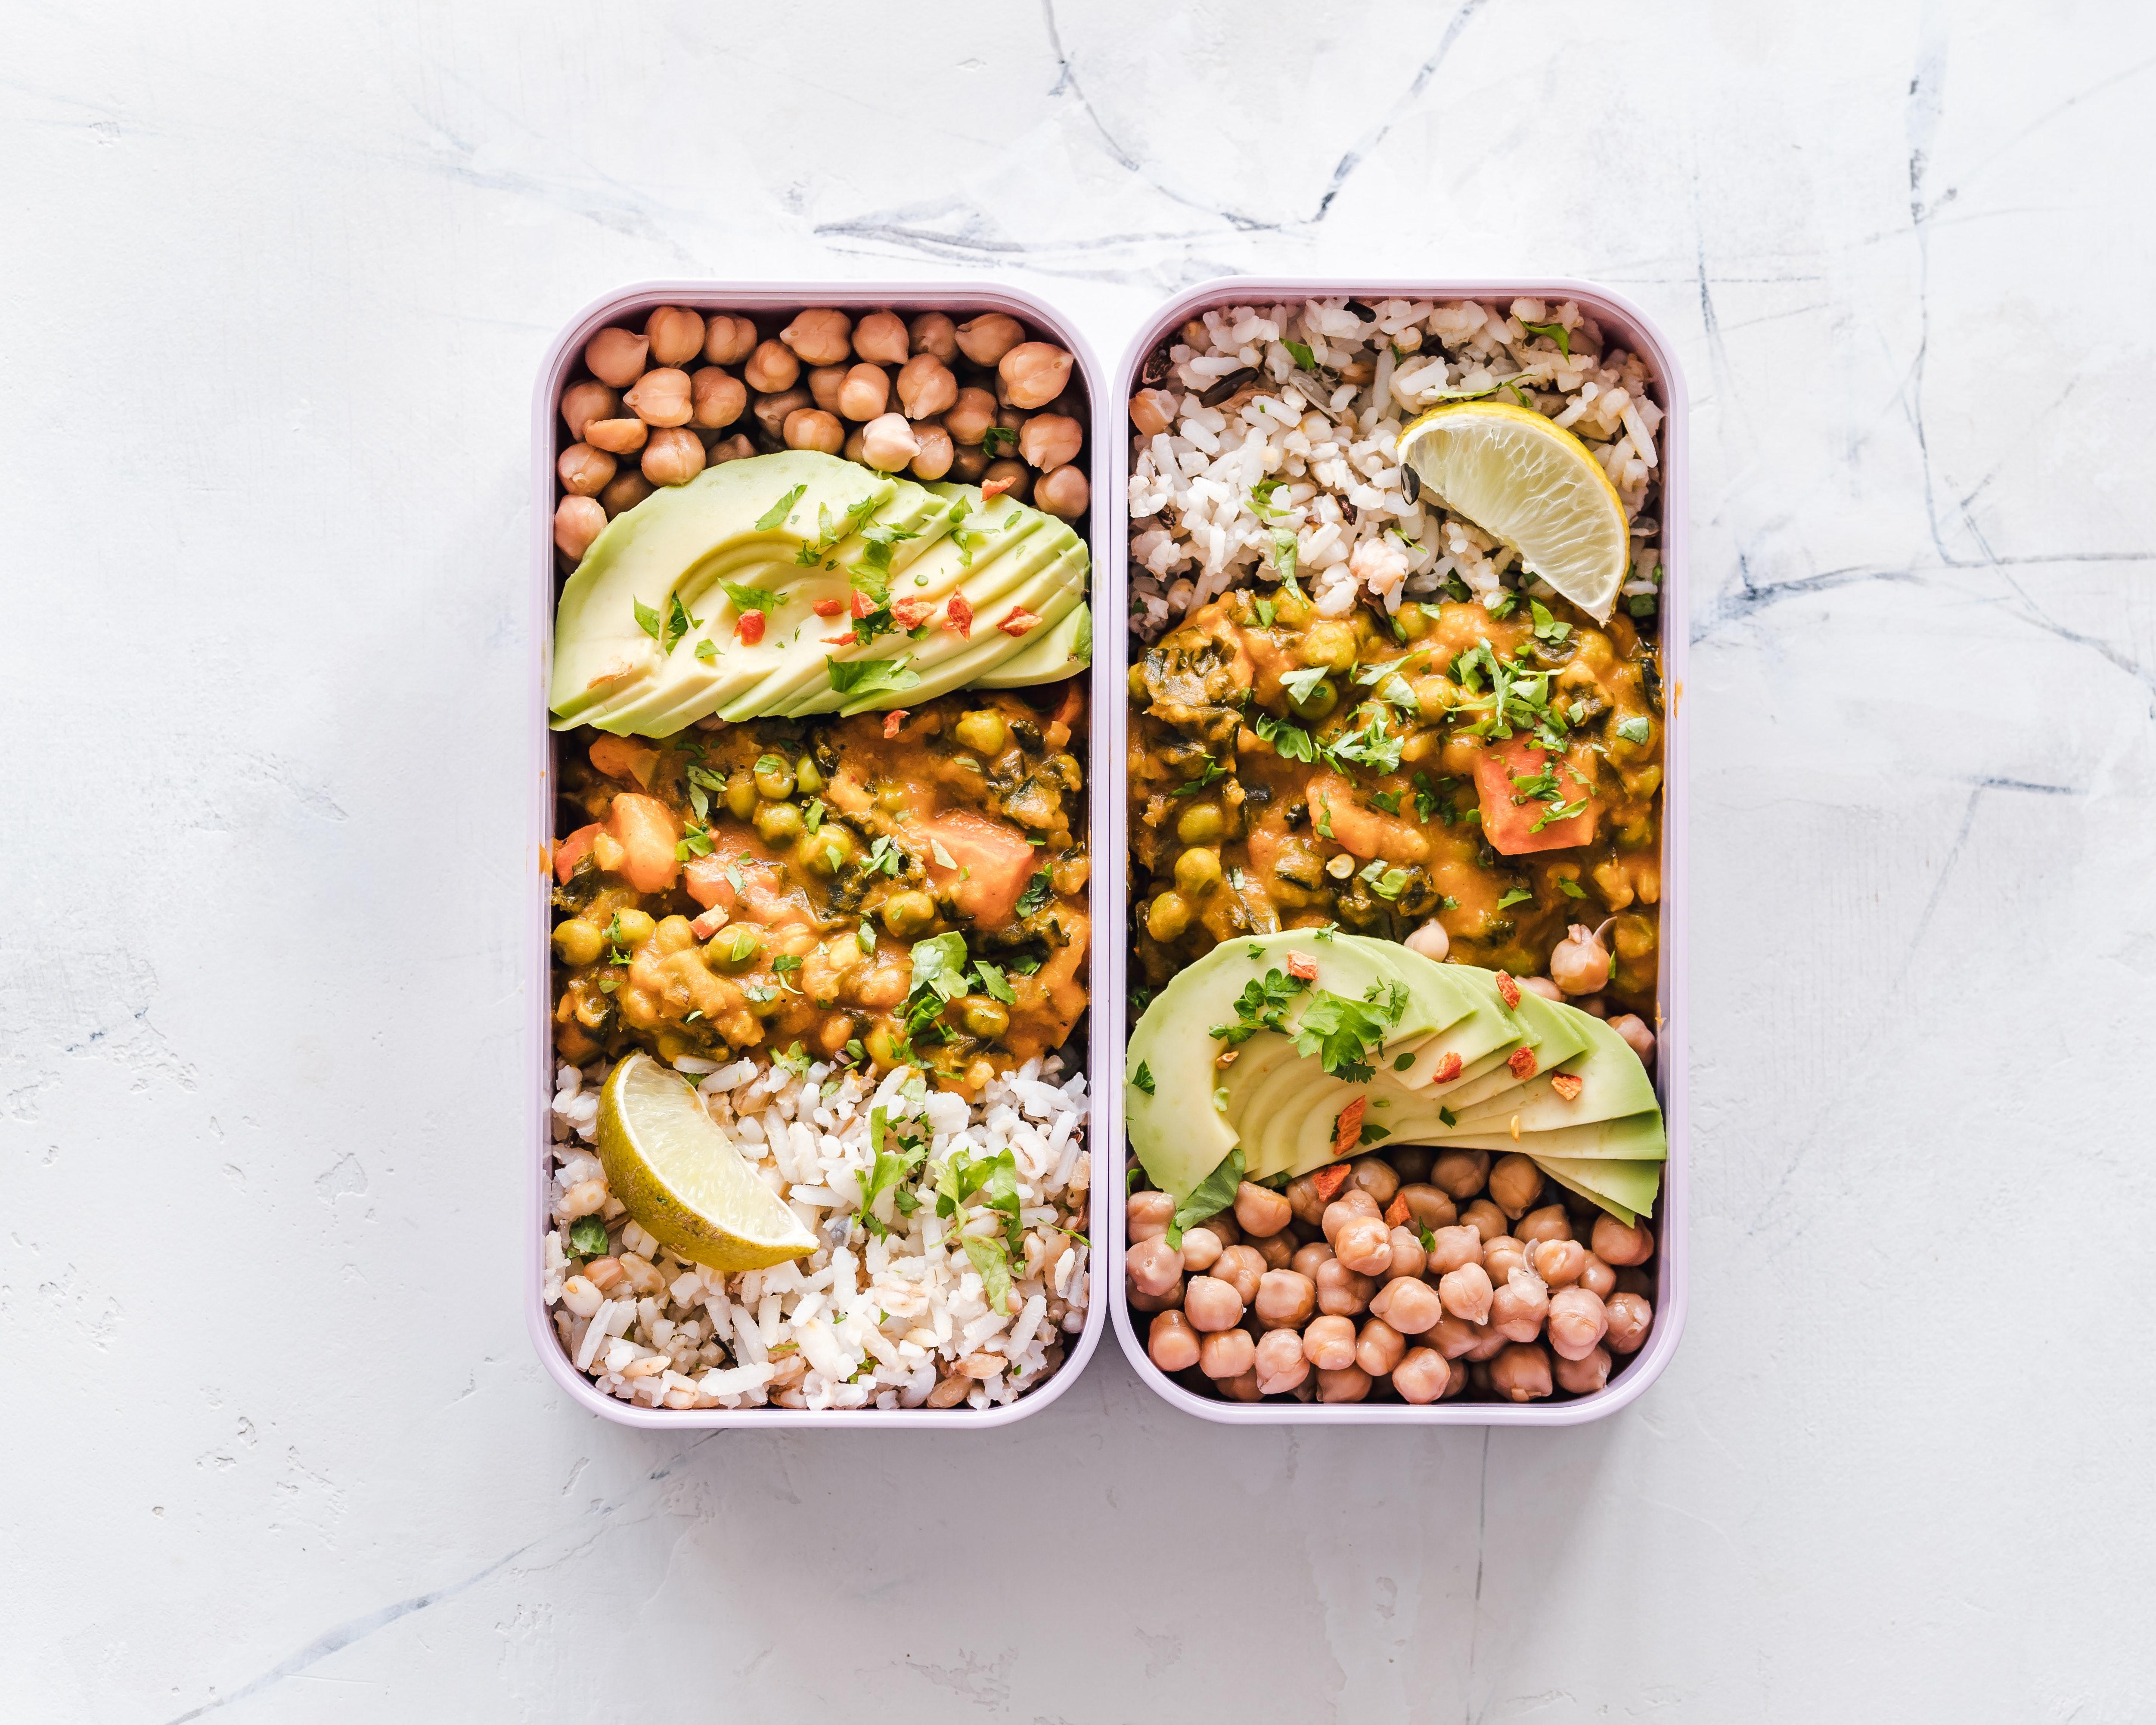 Jedzenie z dowozem Sulejów – gotować w domu czy zamawiać catering